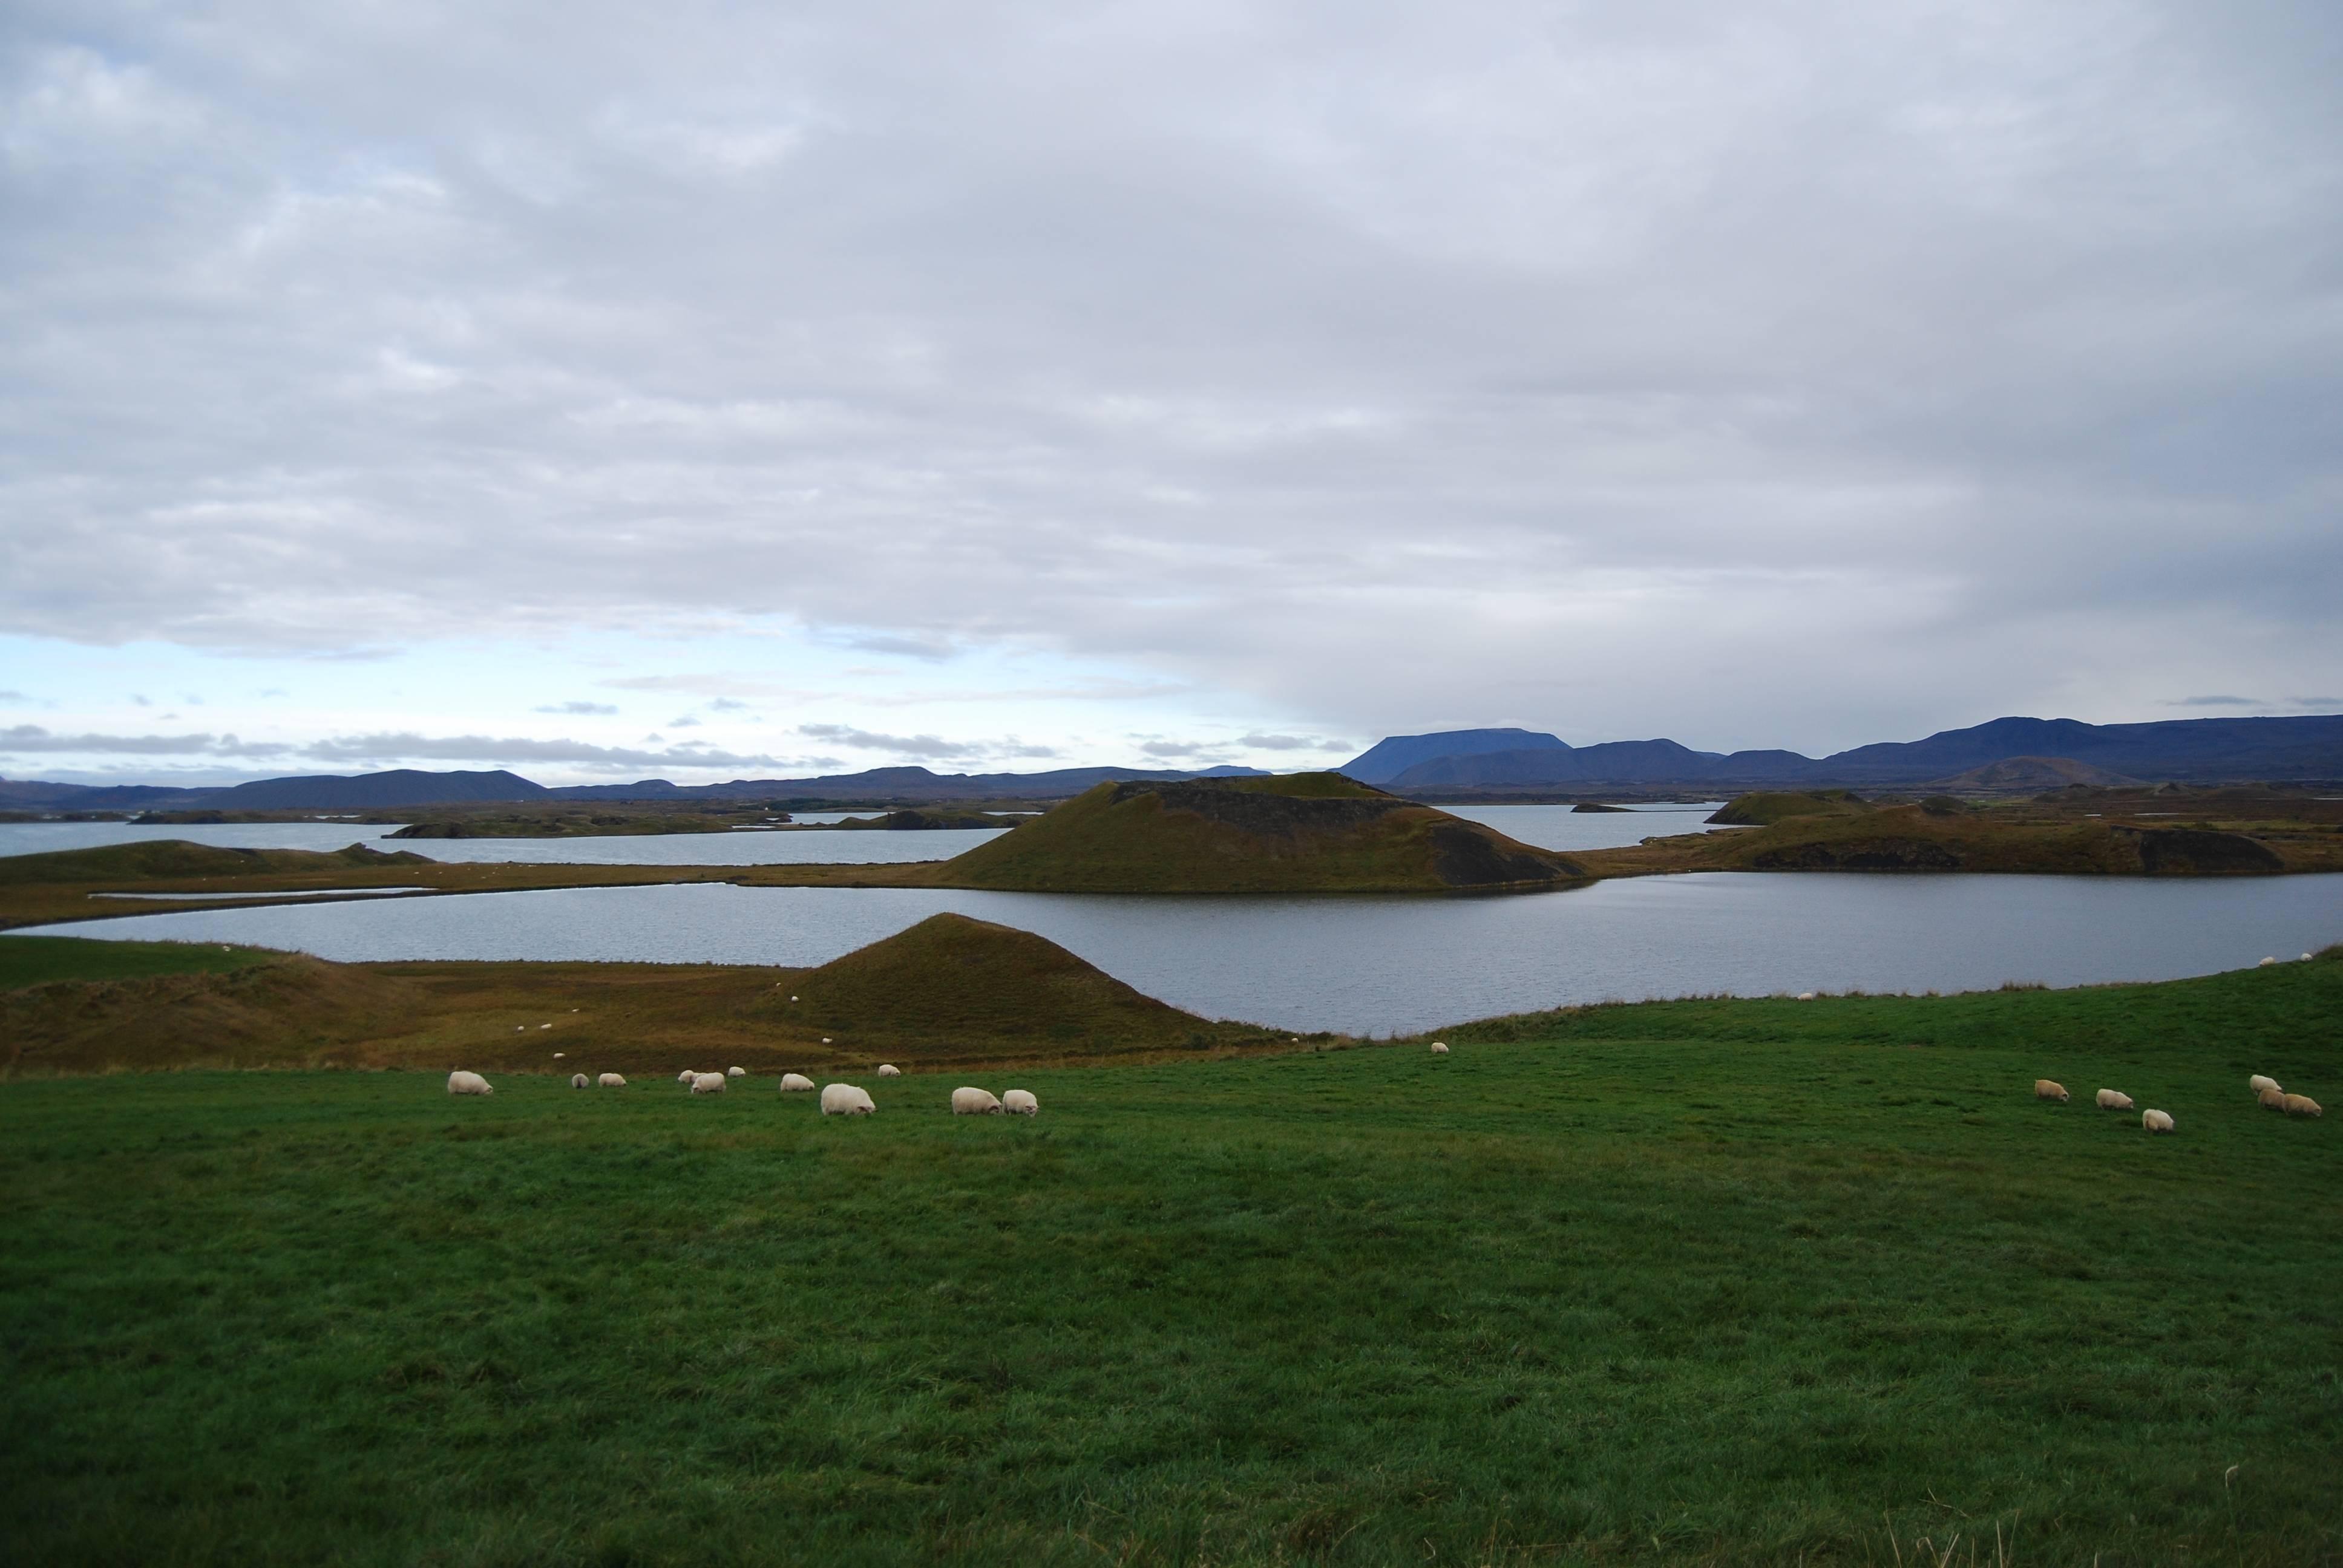 Photo 3: Le Lac de Myvatn, sérénité assurée